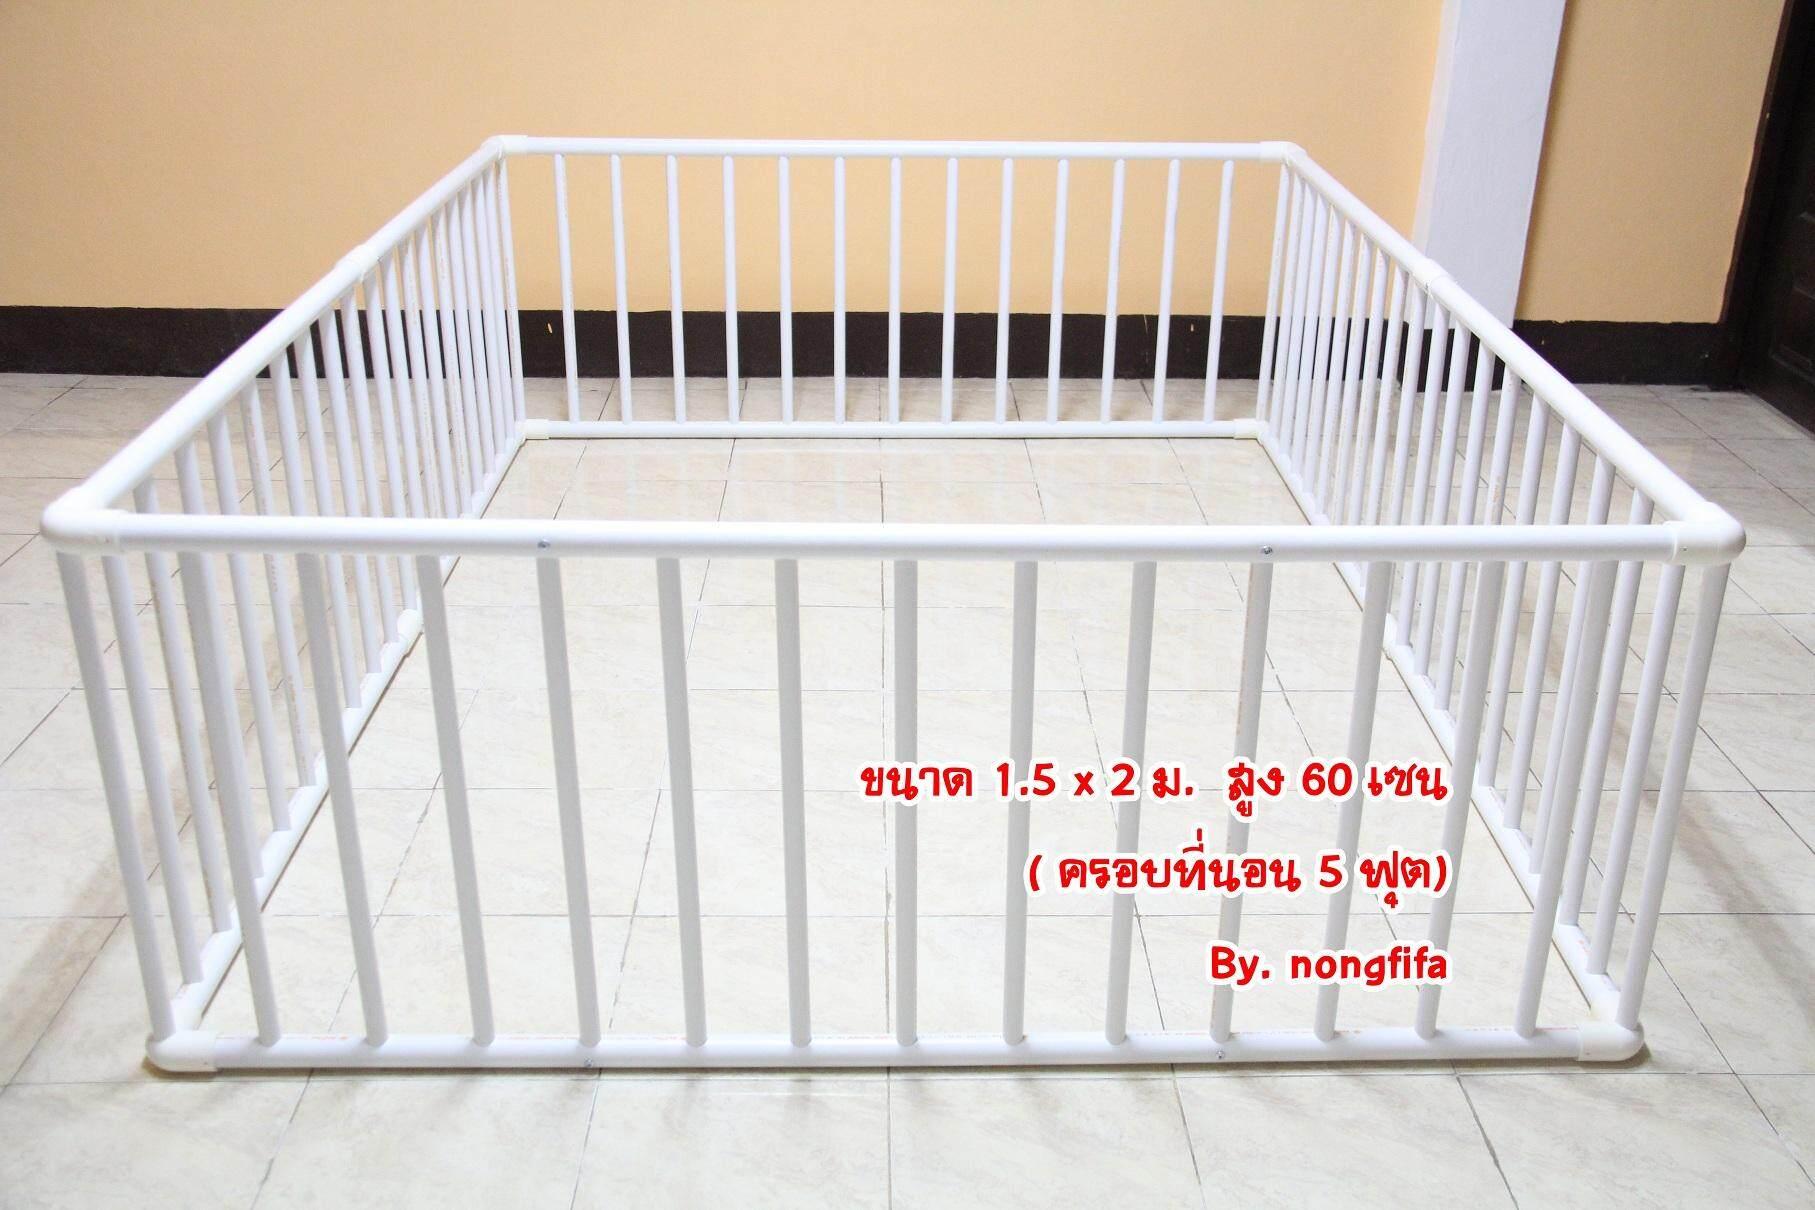 [[ส่งฟรี Kerry]] คอกกั้นเด็ก  5ฟุต สูง 60เซน  (ขนาด 150x200cm สูง 60cm).